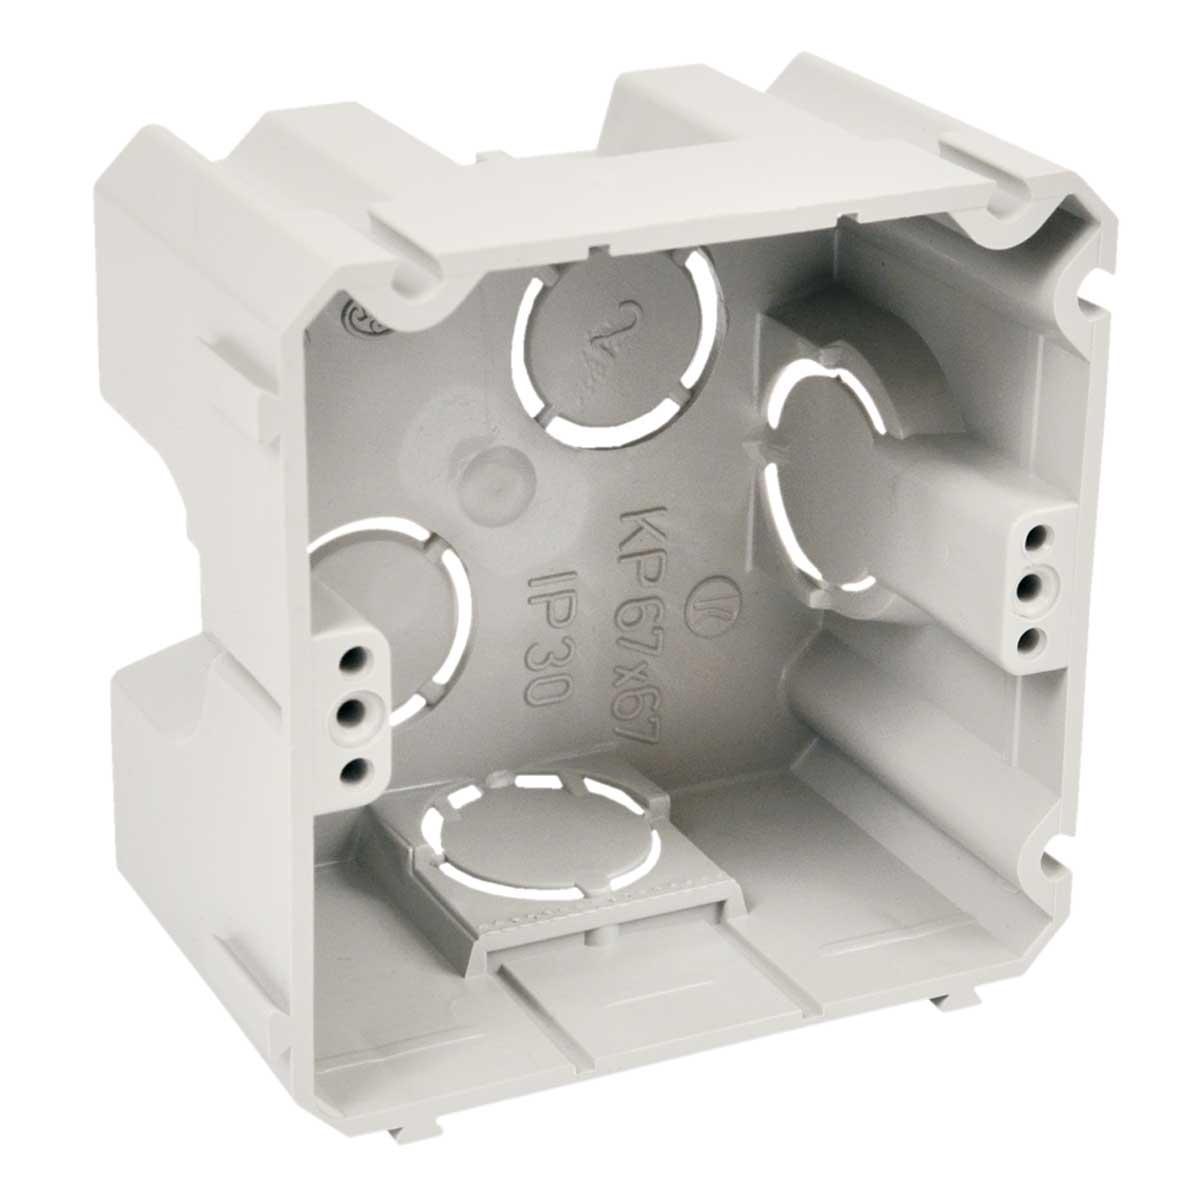 Коробка приладова,  з'єднуються між собою; ПВХ; сіра; 71х71х42мм